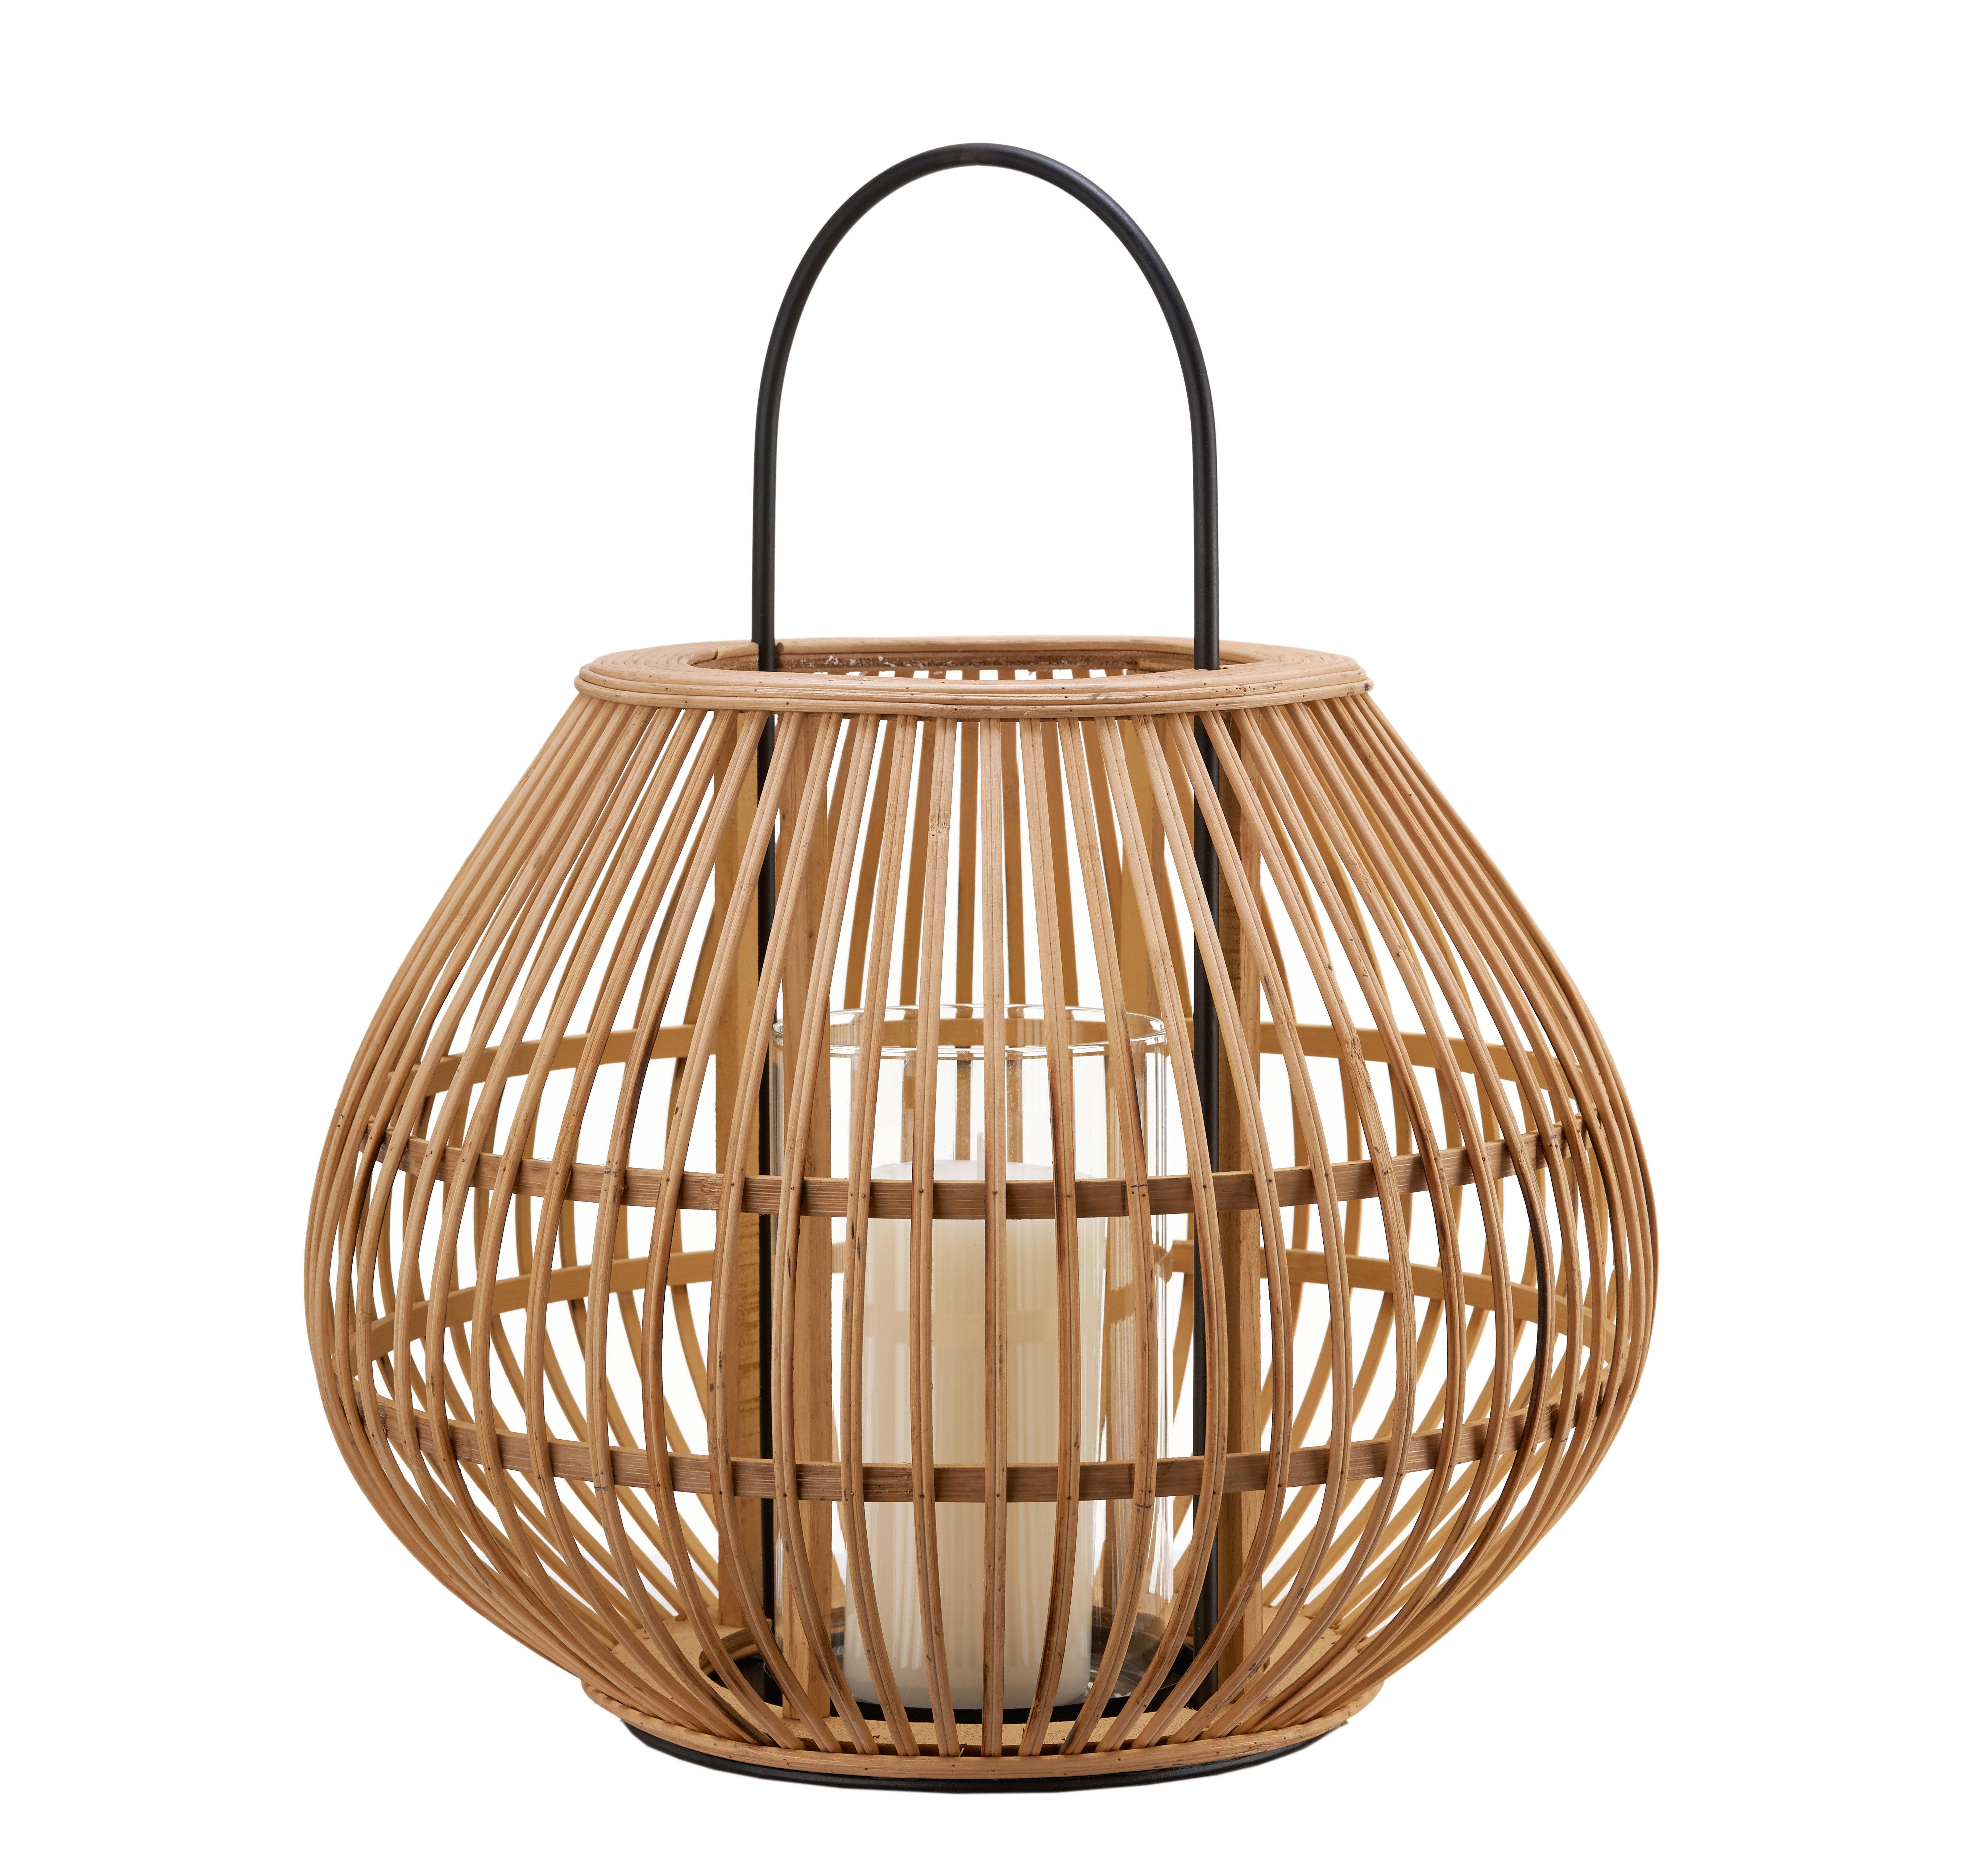 Outdoor - Decorazioni e accessori - Lanterna Striped Apple - / Bambù - H 46 cm di Pols Potten - Naturale - Bambù, Ferro, Vetro